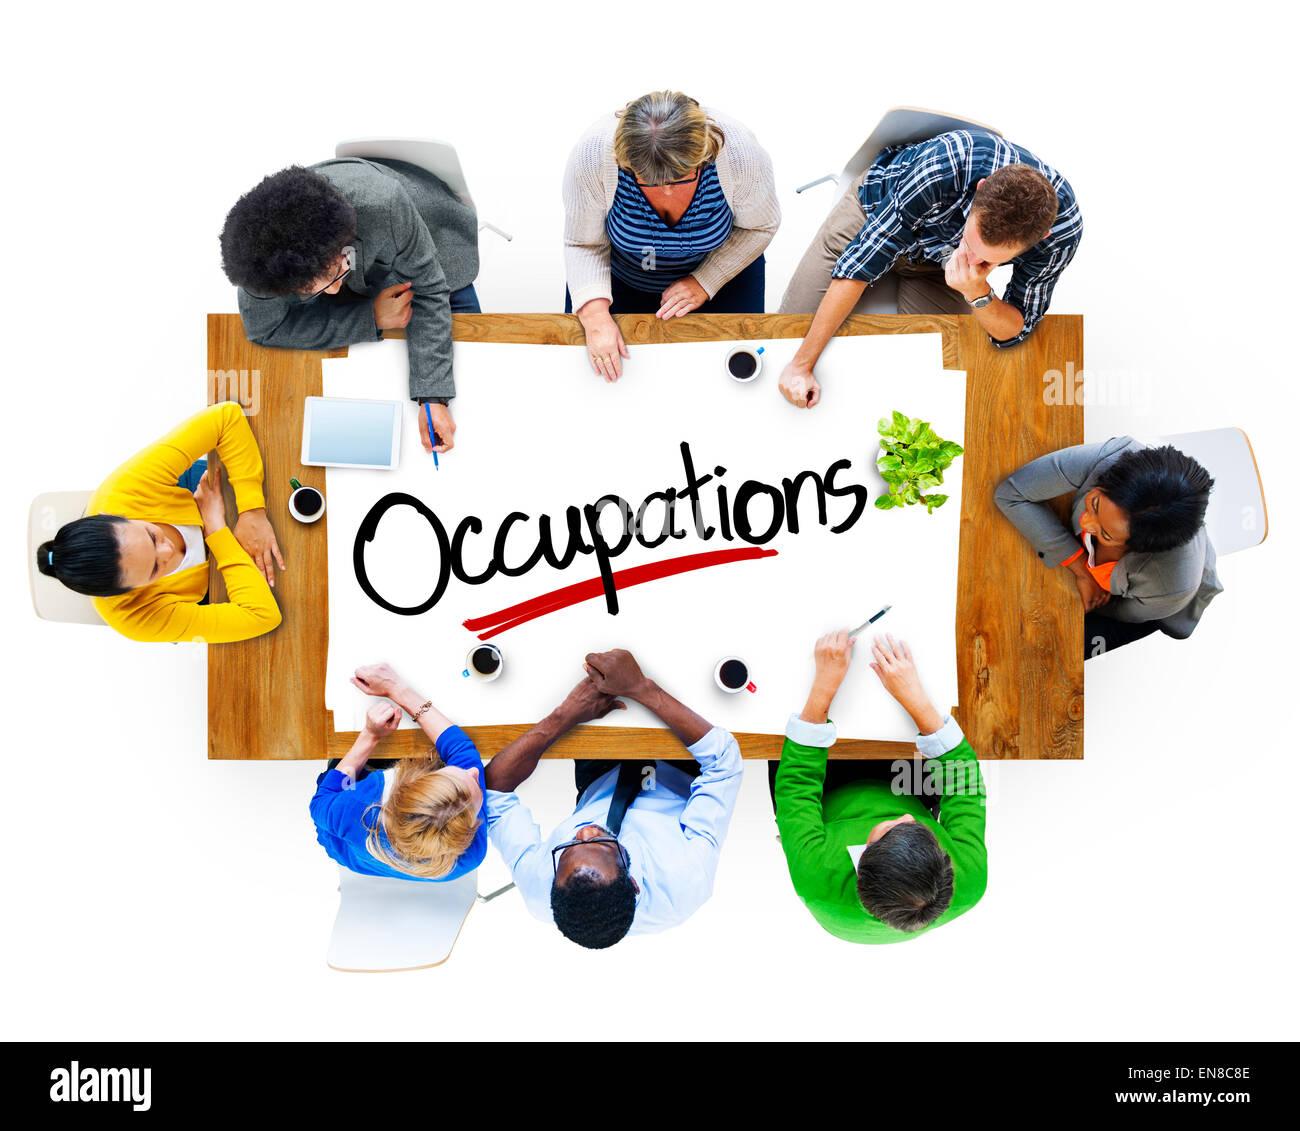 Grupo de Personas brainstorming sobre ocupaciones concepto Imagen De Stock